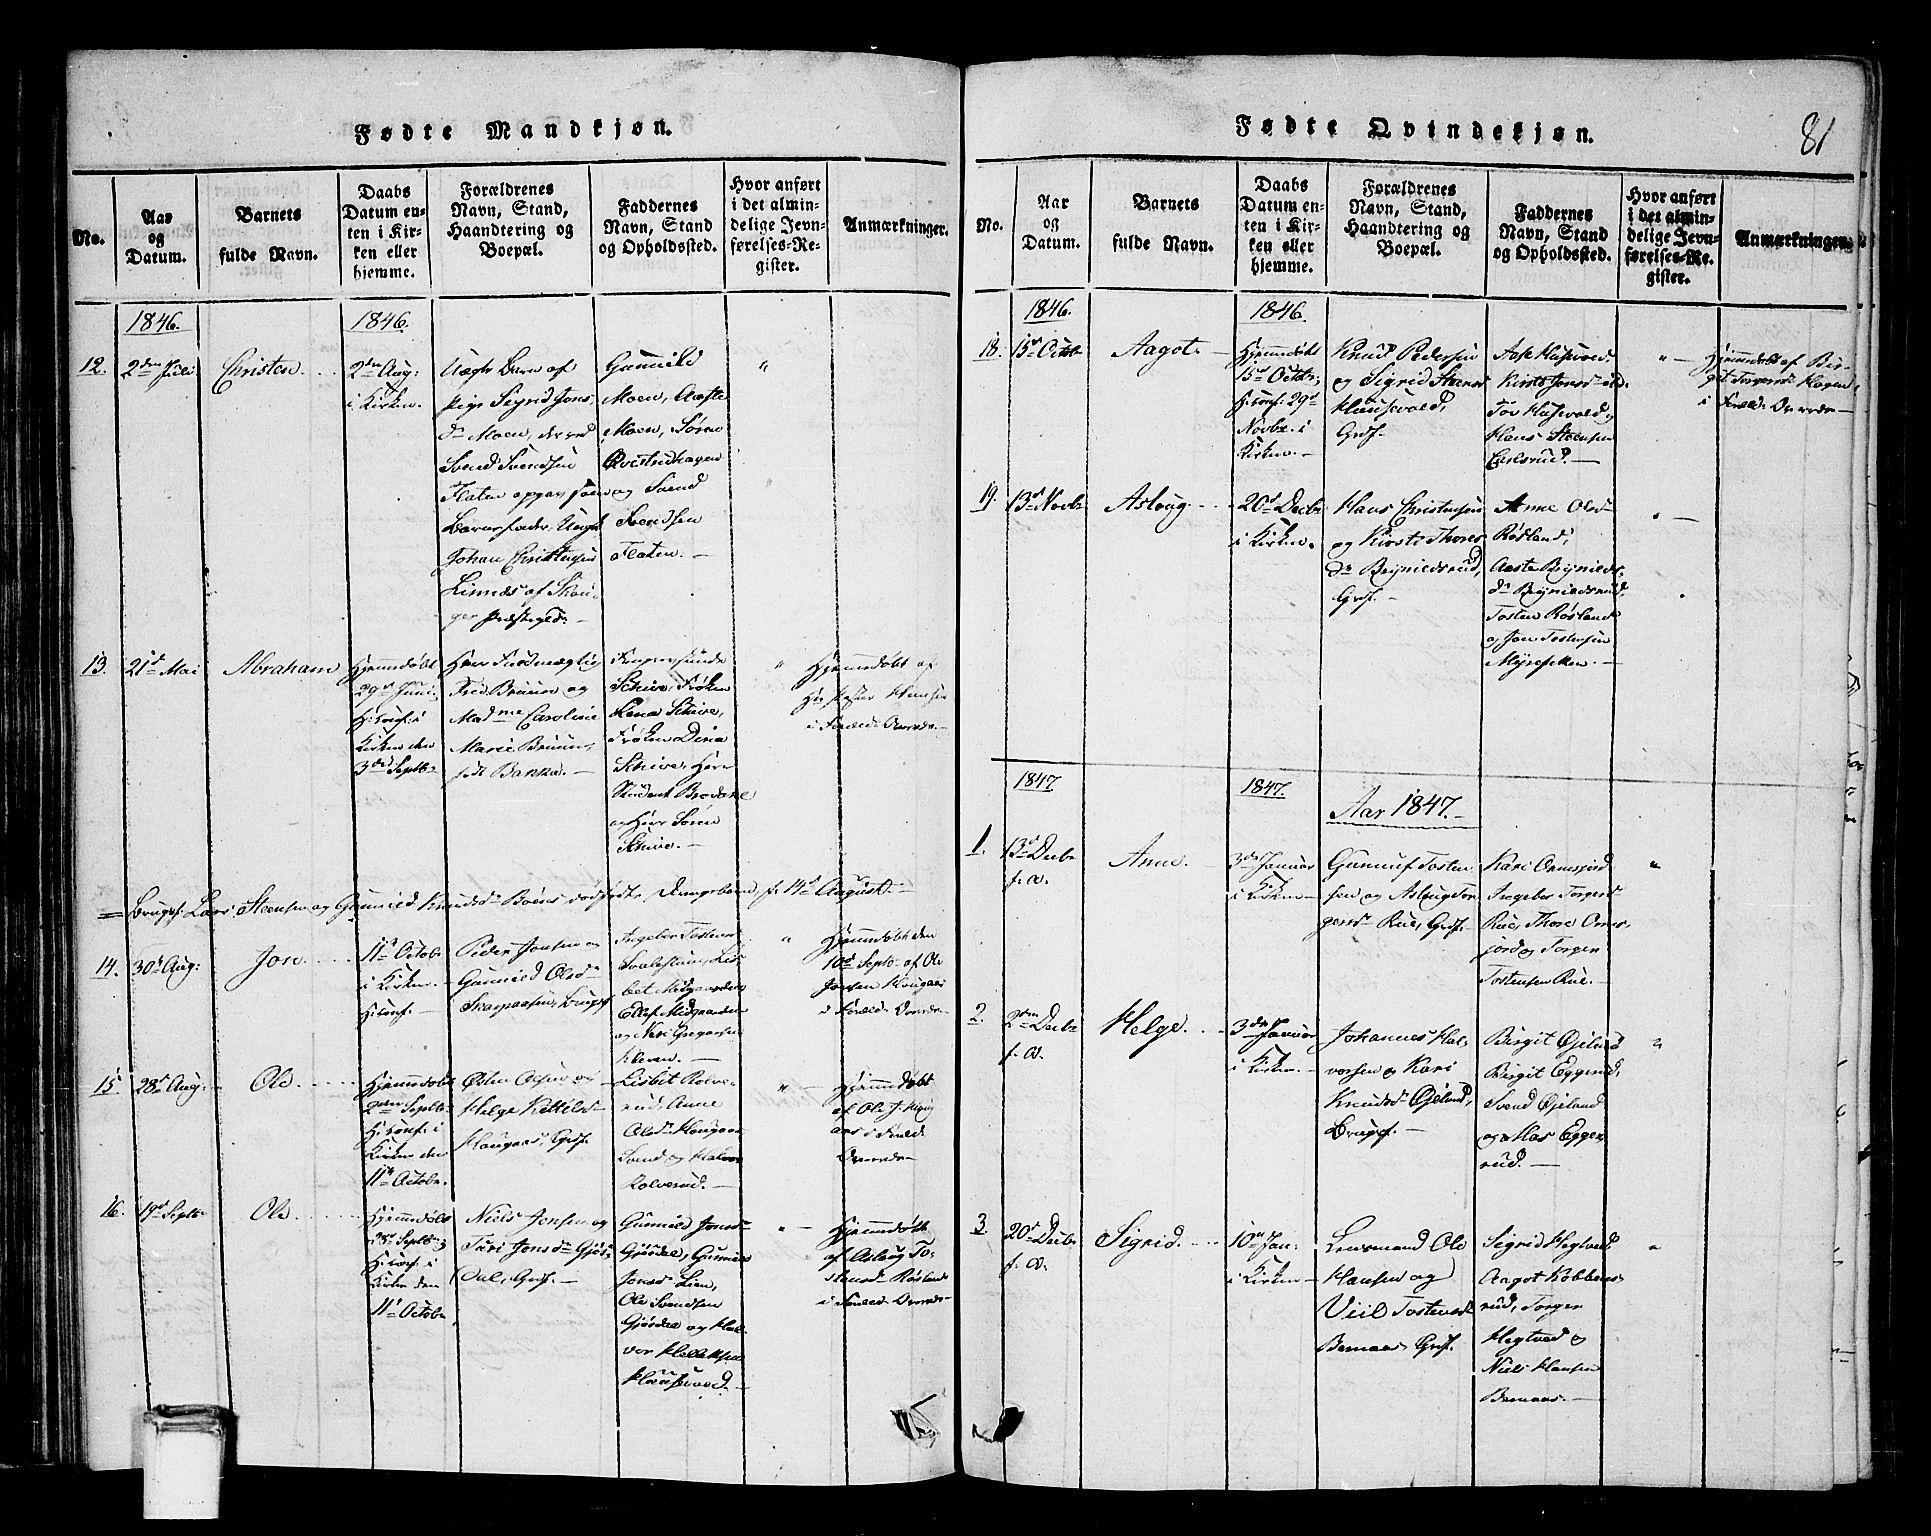 SAKO, Tinn kirkebøker, G/Gb/L0001: Klokkerbok nr. II 1 /2, 1837-1850, s. 81